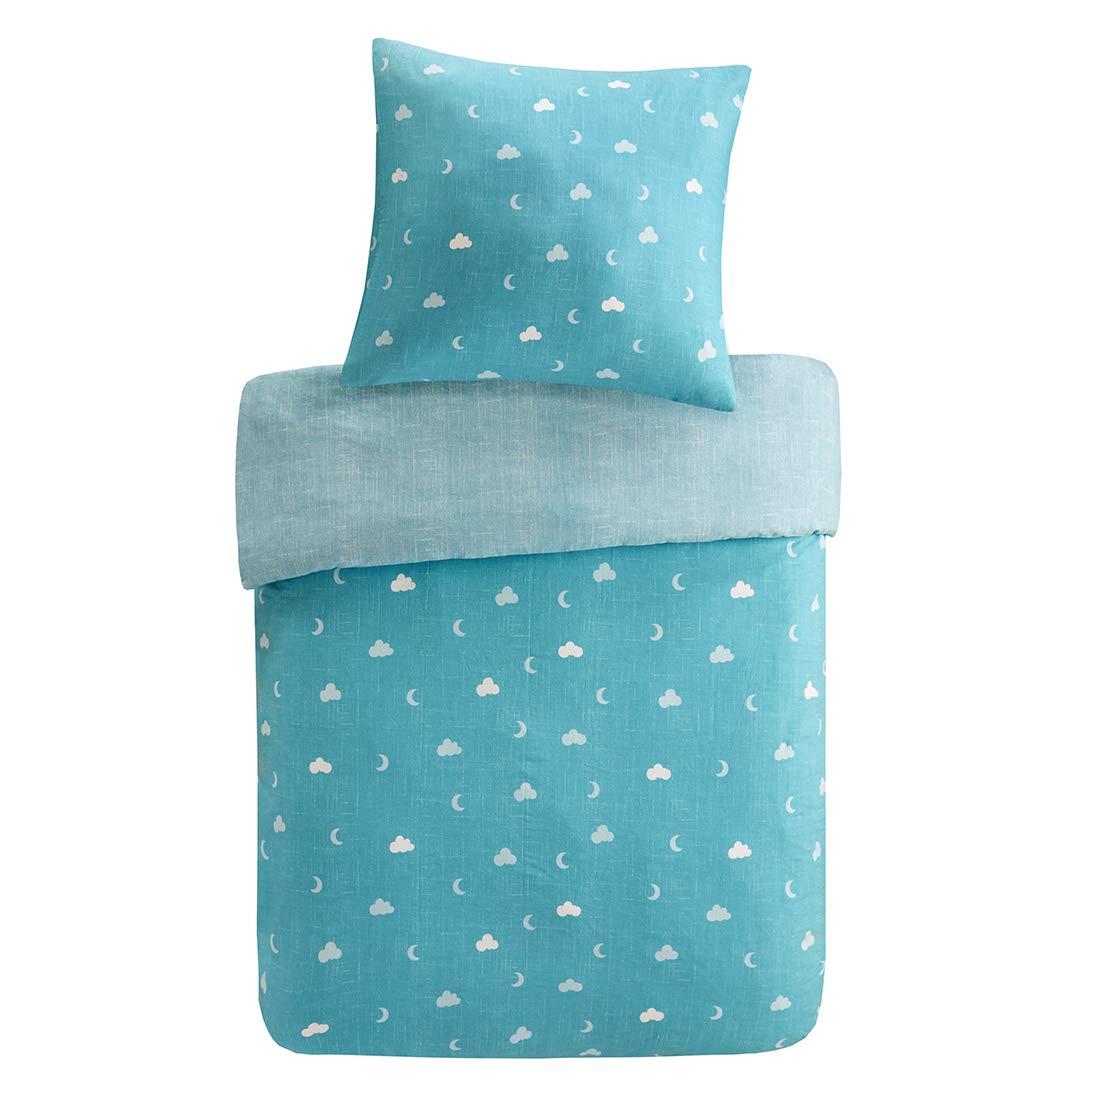 Renforcé Kinderbettwäsche Set 2-Teilig Eule mit Blumen & Wolken Bettbezug Kopfkissenbezug 100% Baumwolle Jungen Einzelbett Blau, 135x200cm+80x80cm SCM Home